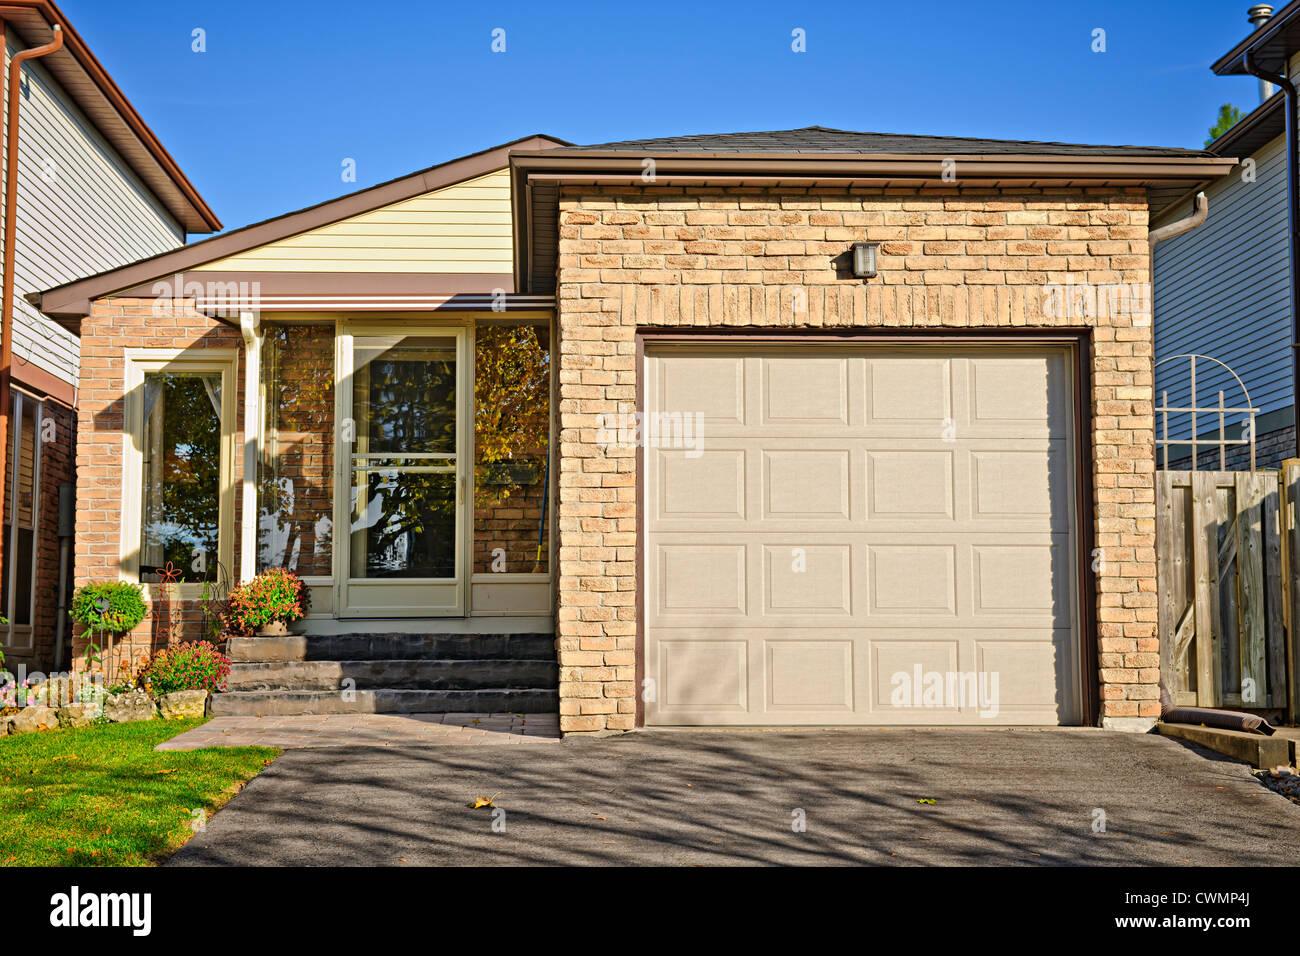 S kleine Bungalow Haus mit Einzelgarage Stockbild